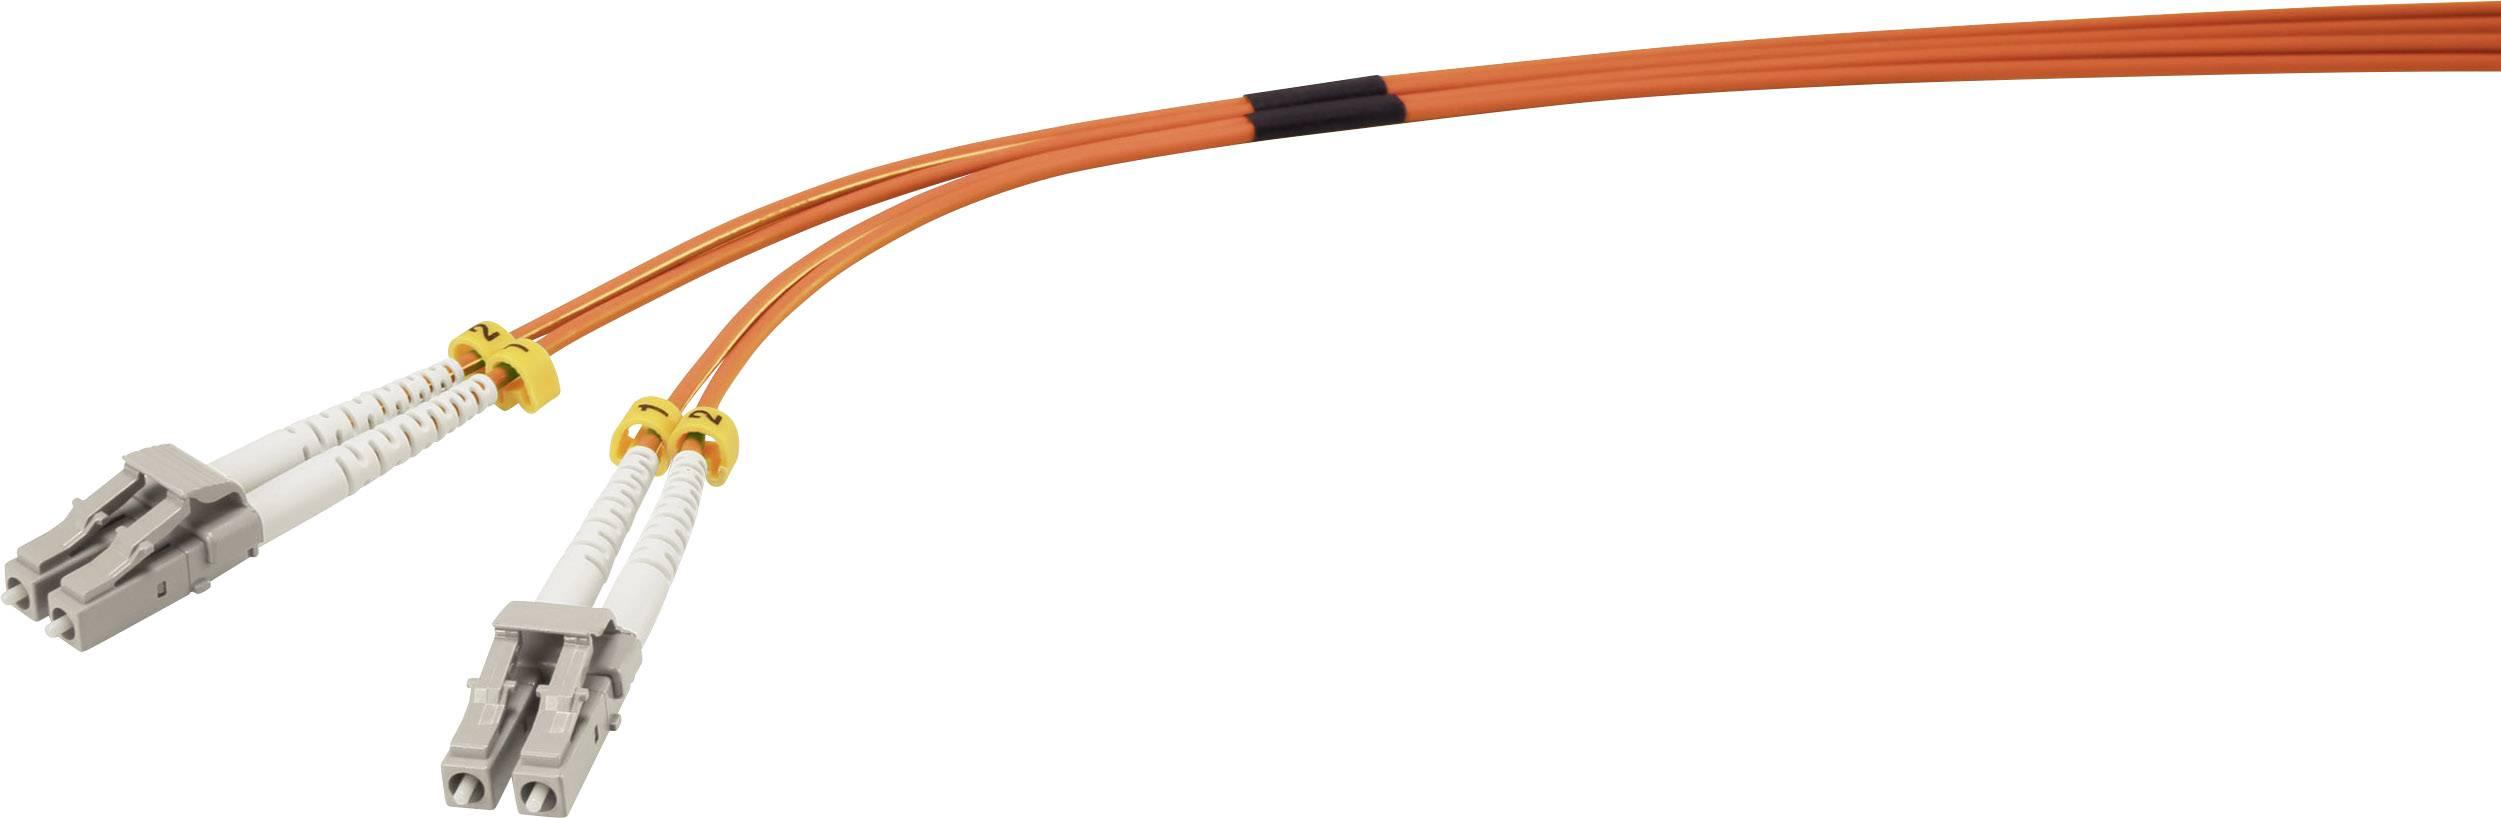 Připojovací optický kabel Renkforce RF-3301830 [1x zástrčka LC - 1x zástrčka LC], 2 m, oranžová